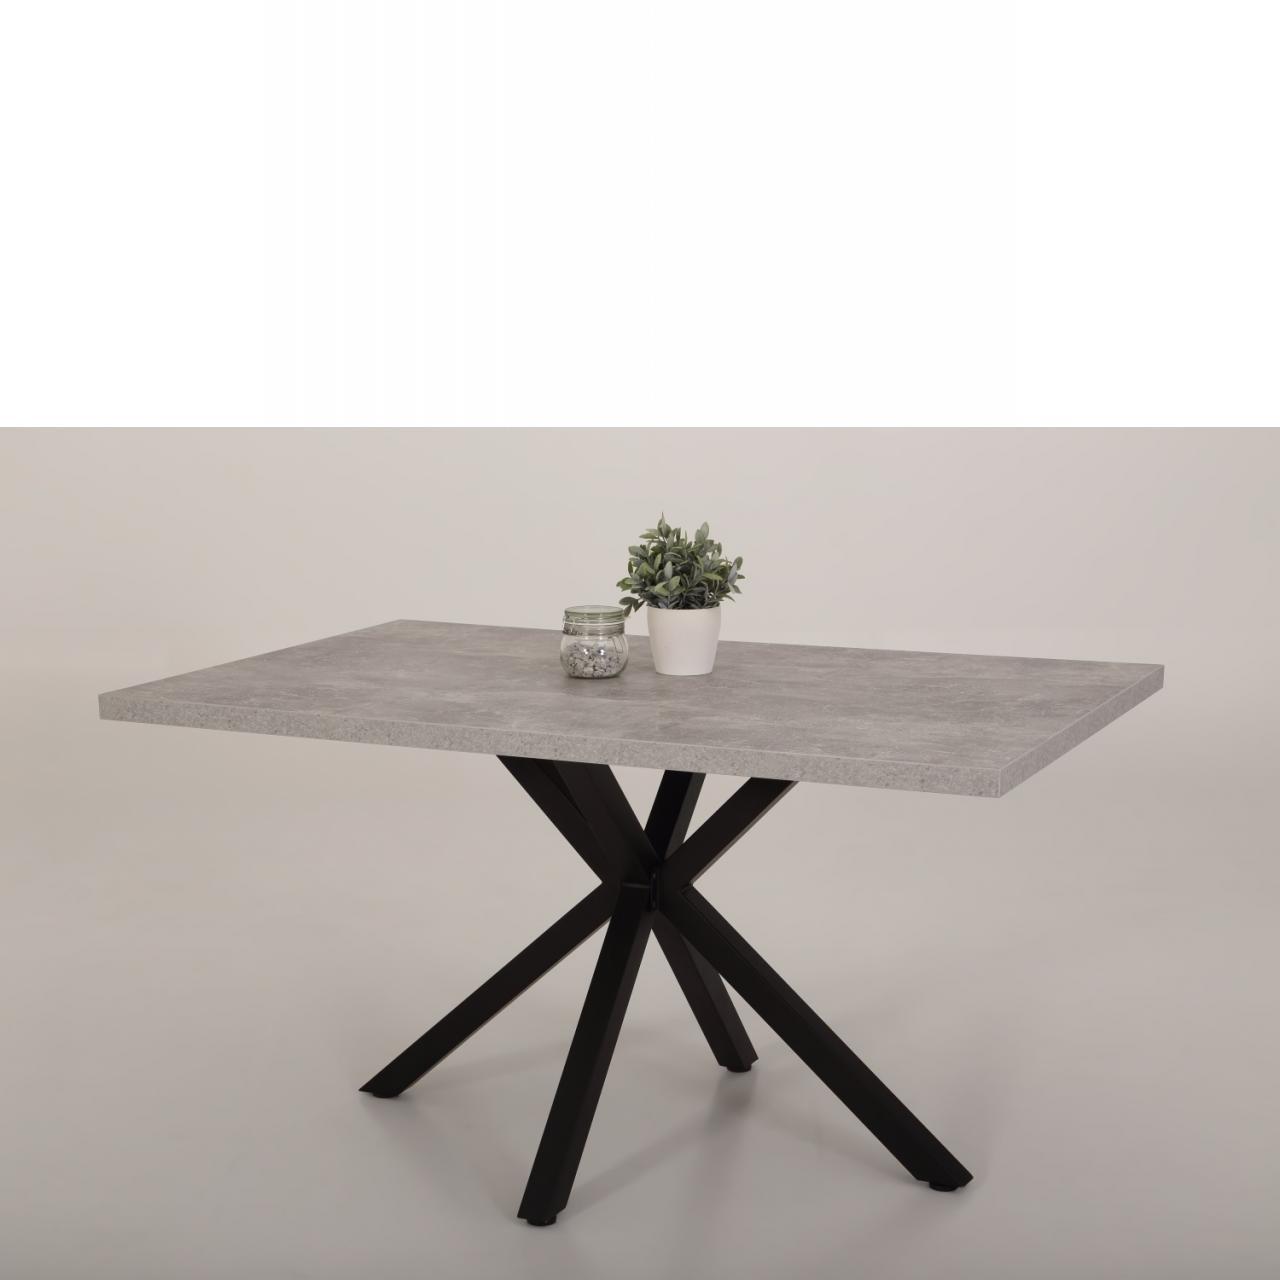 Esstisch Cleo I Beton-Optik 4 Fuss Gestell Metall Schwarz Tischplatte Fest Tisch